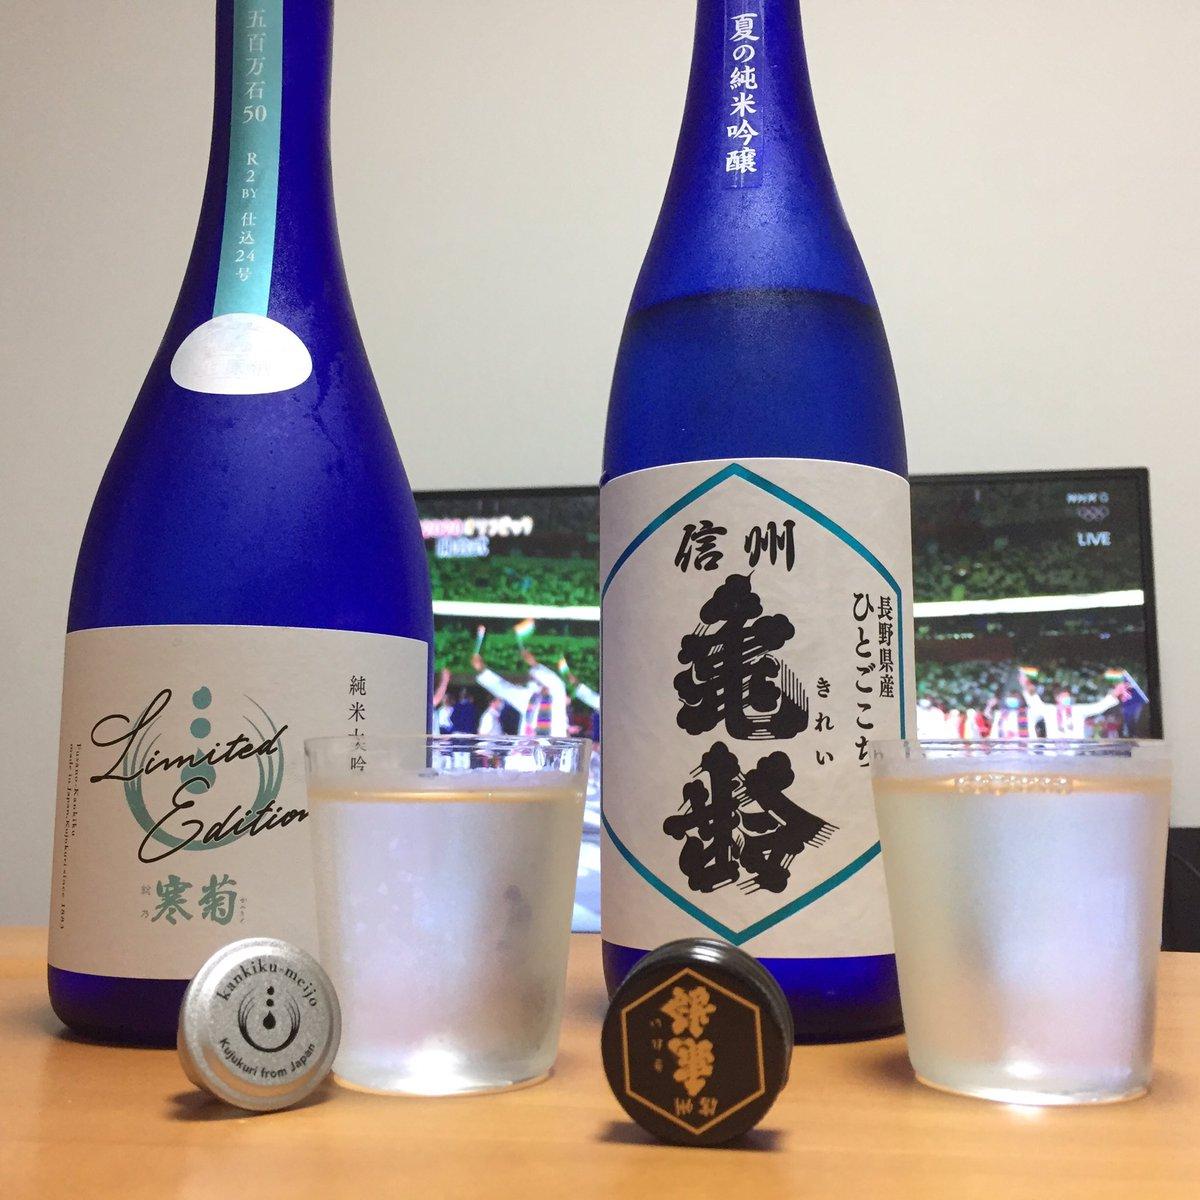 test ツイッターメディア - どちらも美味い日本酒は千葉の寒菊と長野の亀齢で呑み比べでやってる。どちらとも甘旨だけどキリッとスッキリしてる。夏らしく青瓶。綺麗で美味い。 https://t.co/5Jwkduddo5